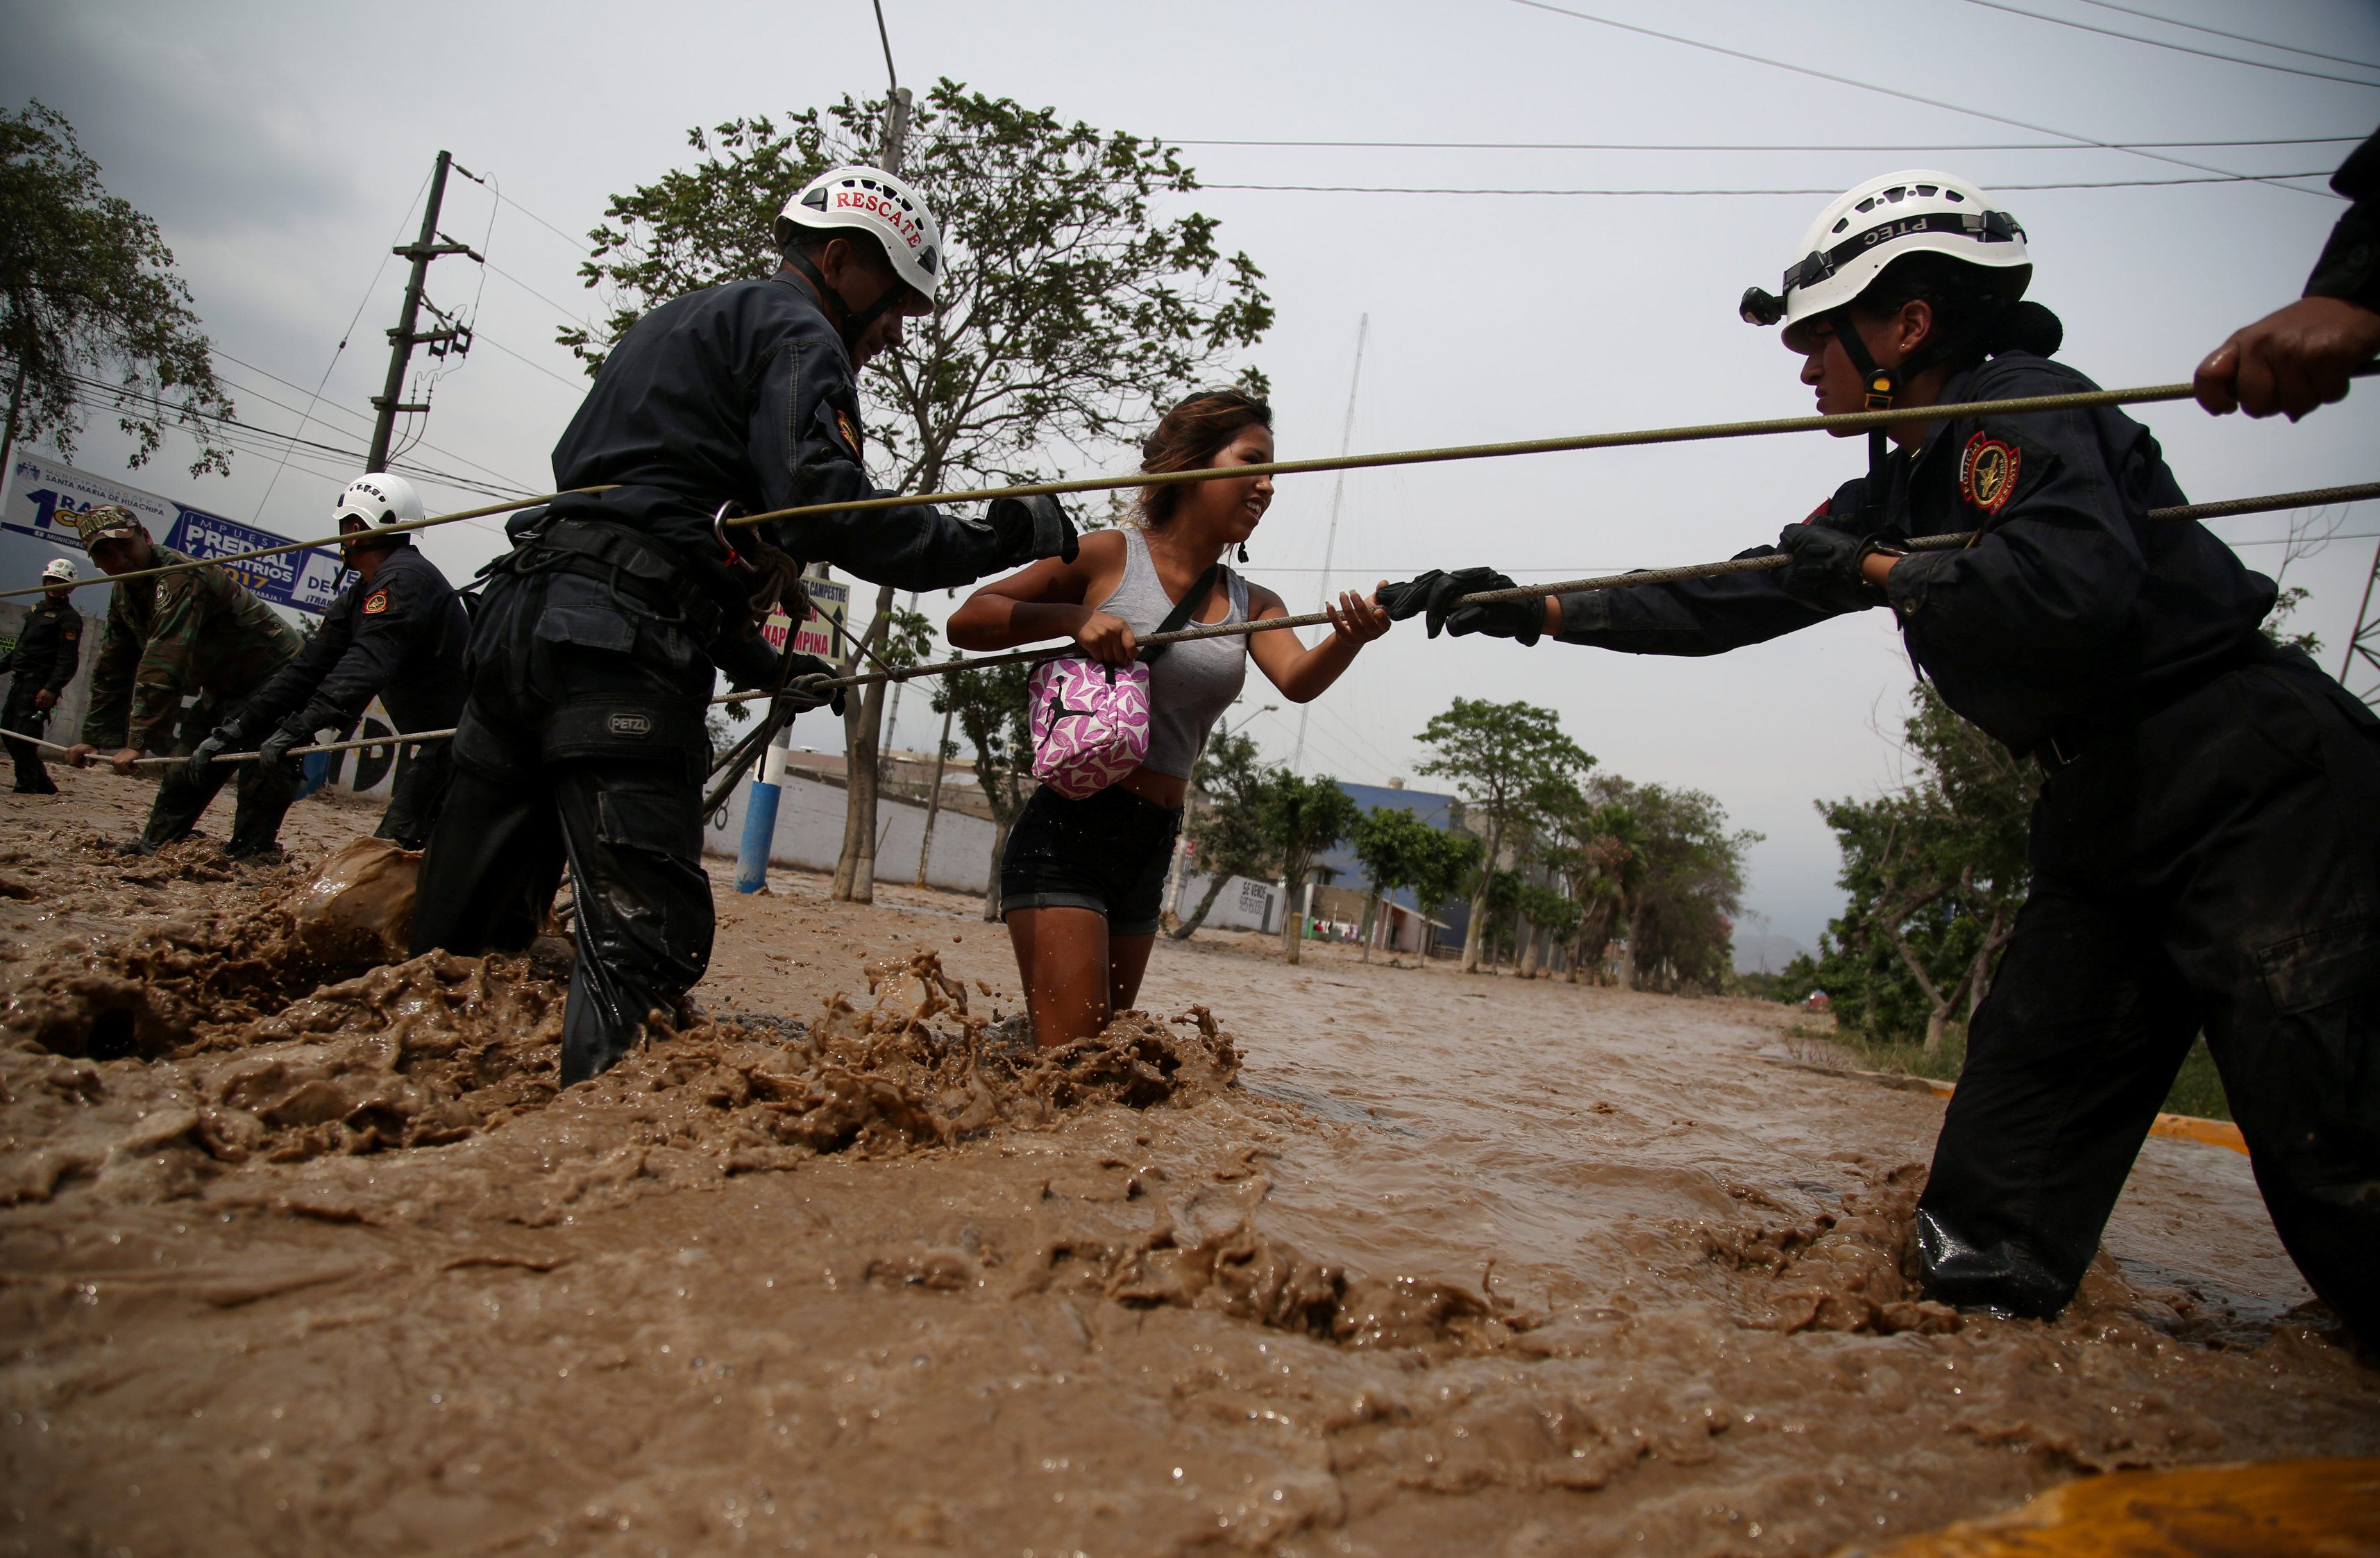 قوات الأمن تحاول انقاذ سيدة من مياه الفيضان